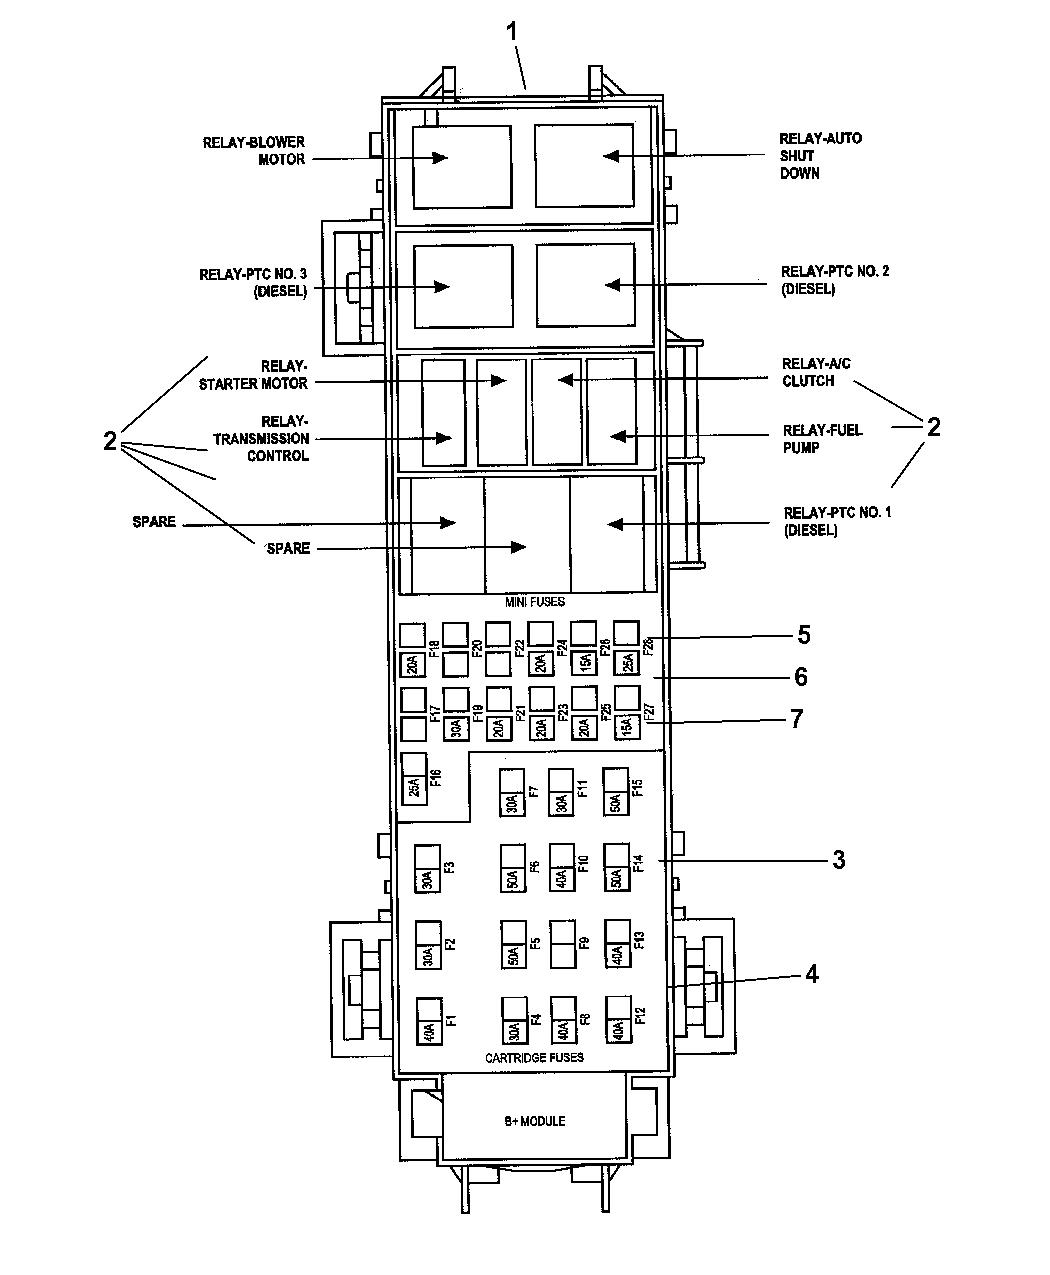 2006 Jeep Commander Fuse Diagram - Wiring Diagram